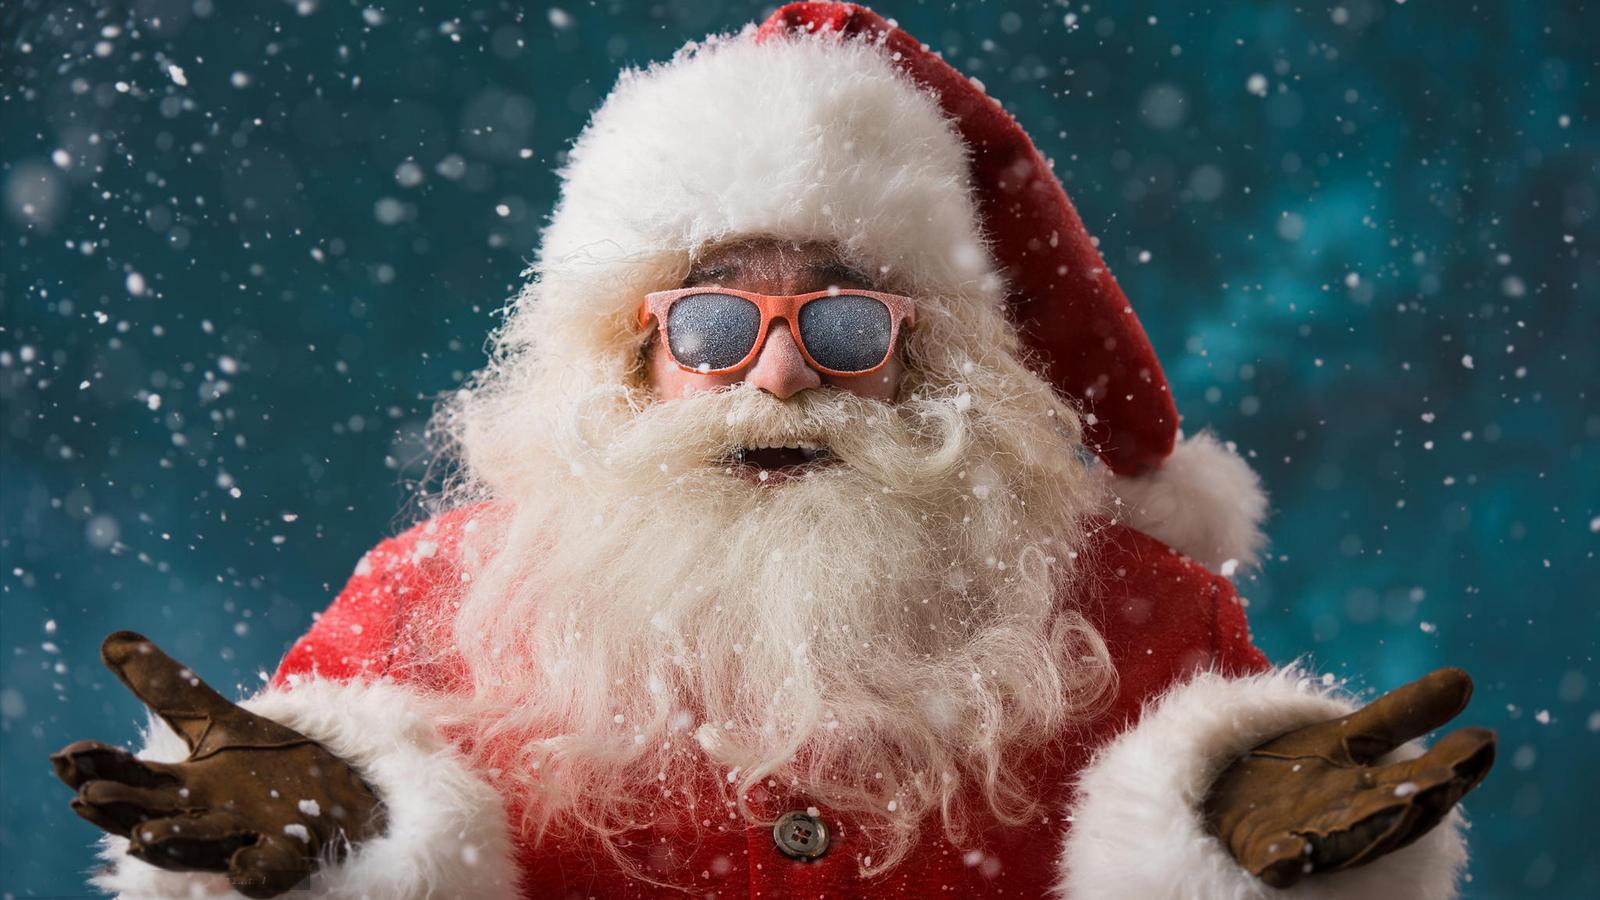 Фото Дед Мороз в солнцезащитных очках под снегопадом